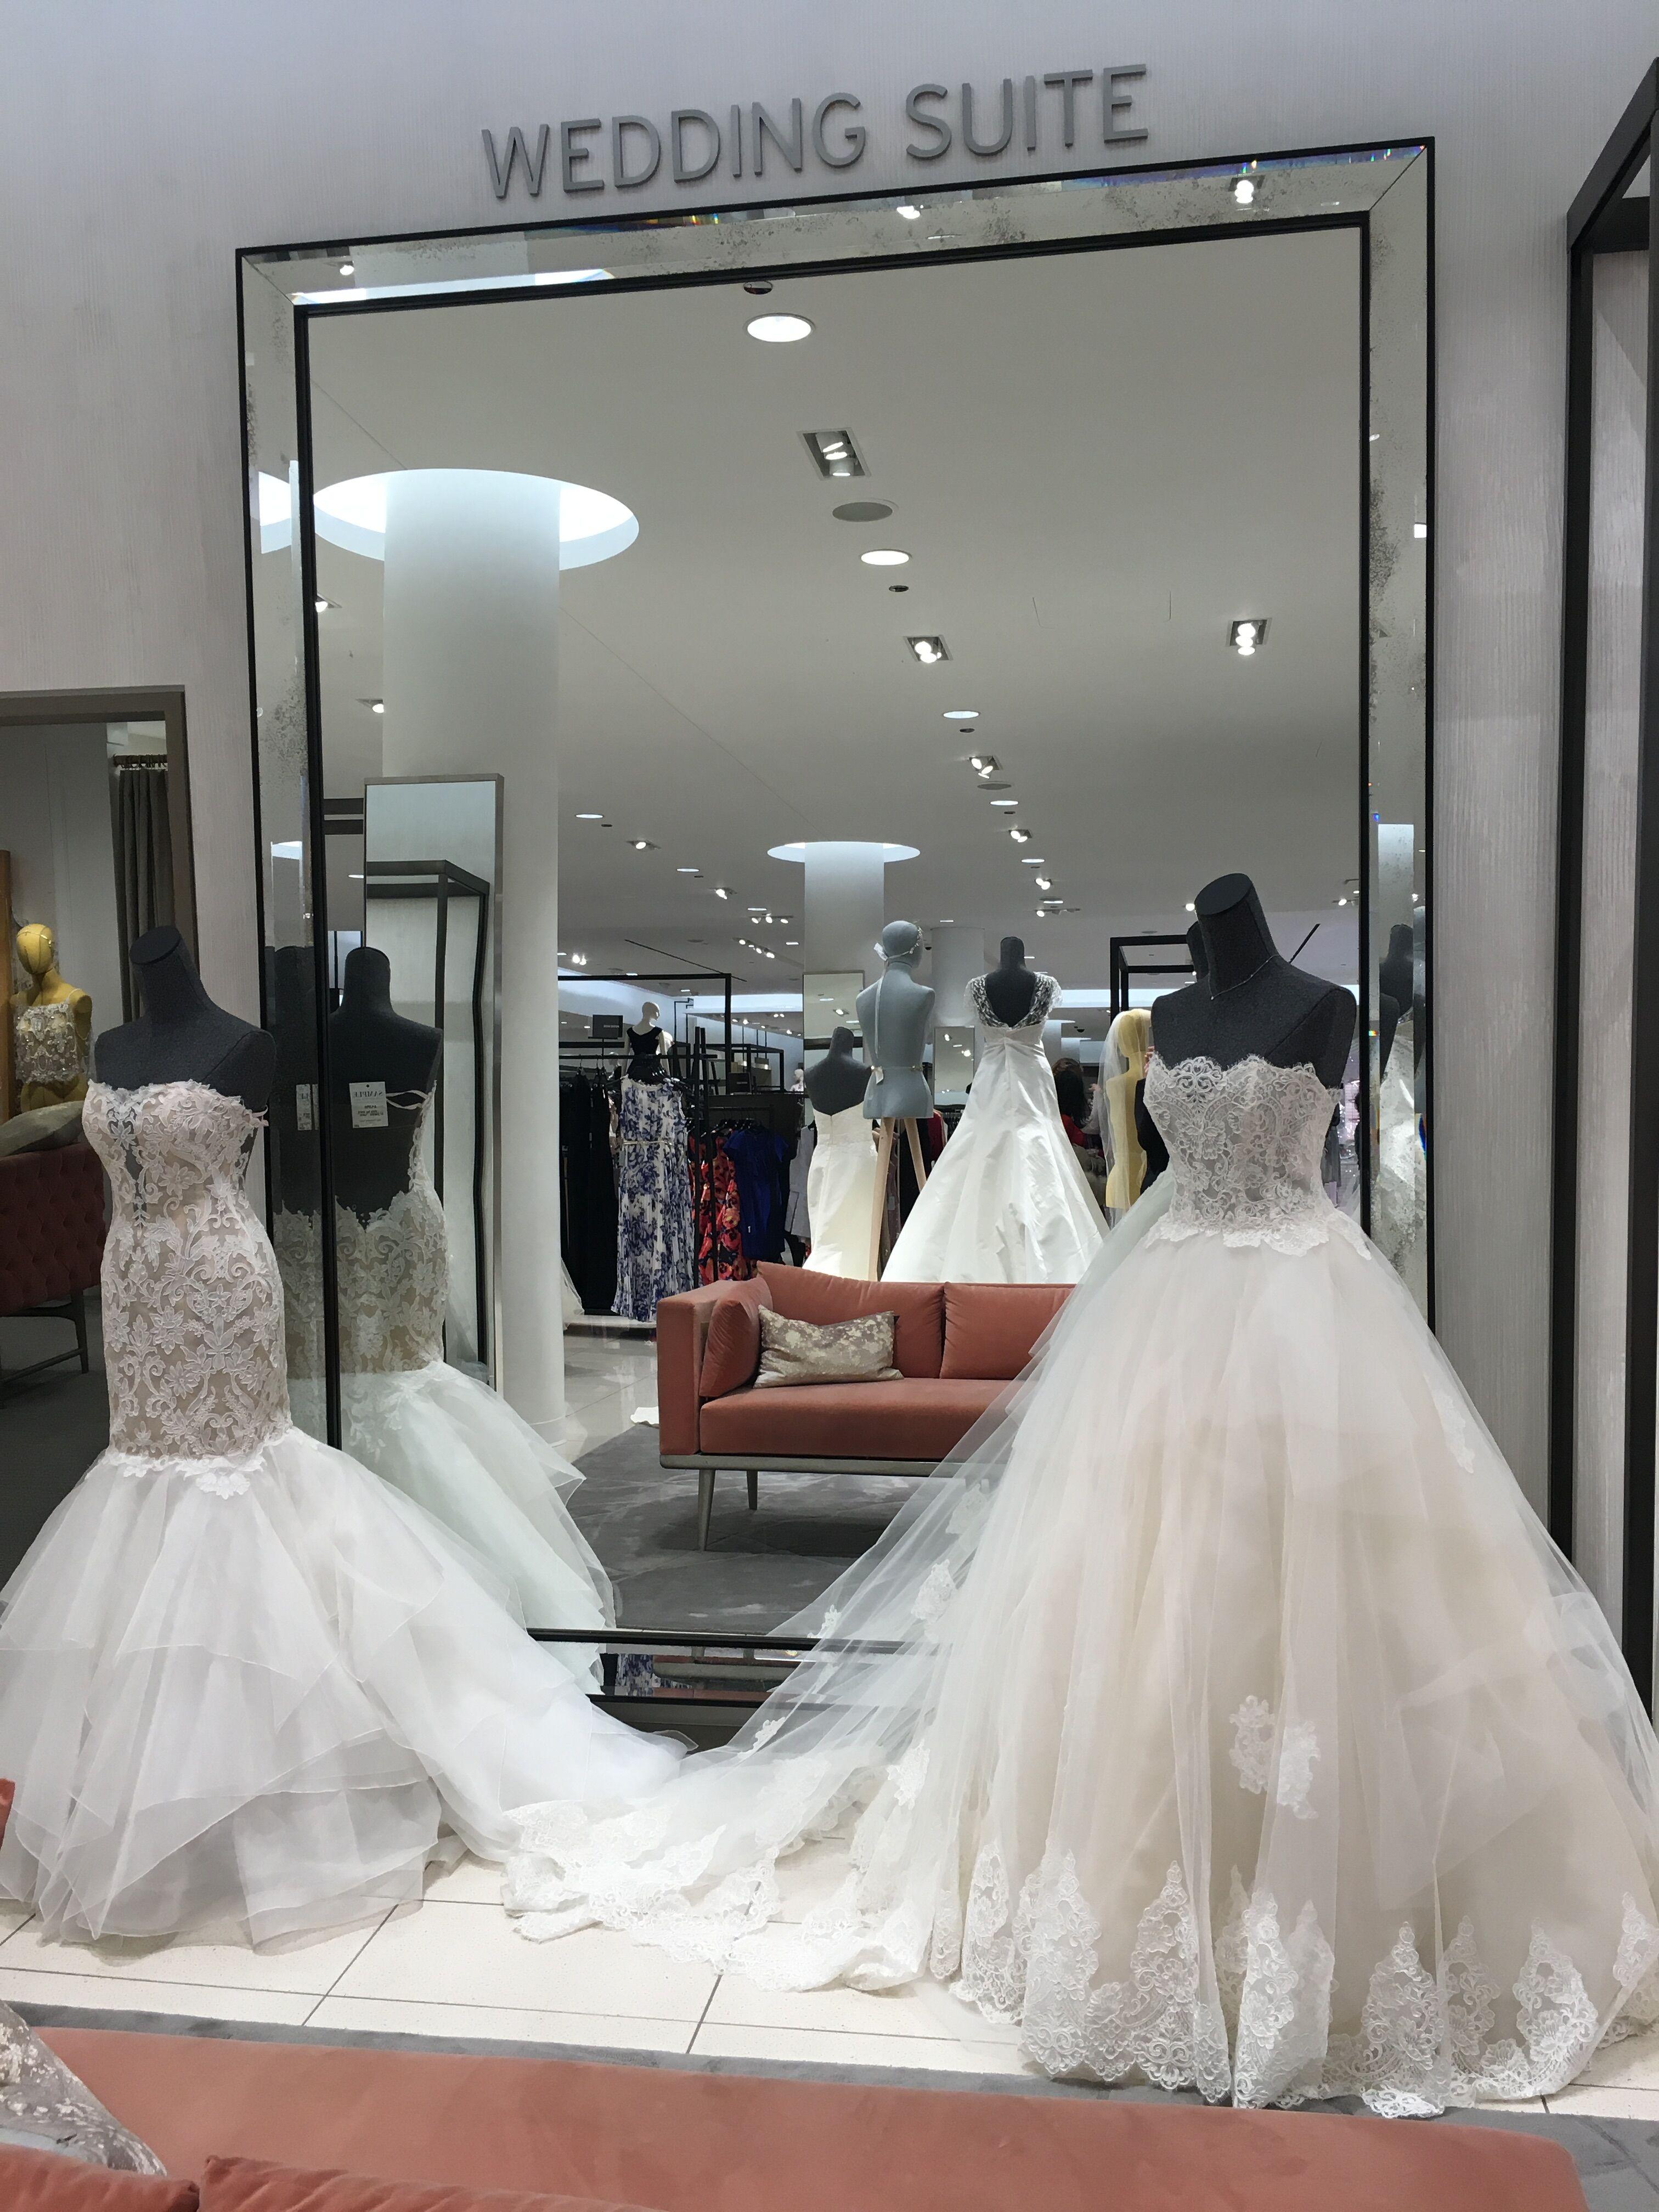 fc27e64e47beb Nordstrom Michigan Avenue Wedding Suite | Bridal Salons - Chicago, IL